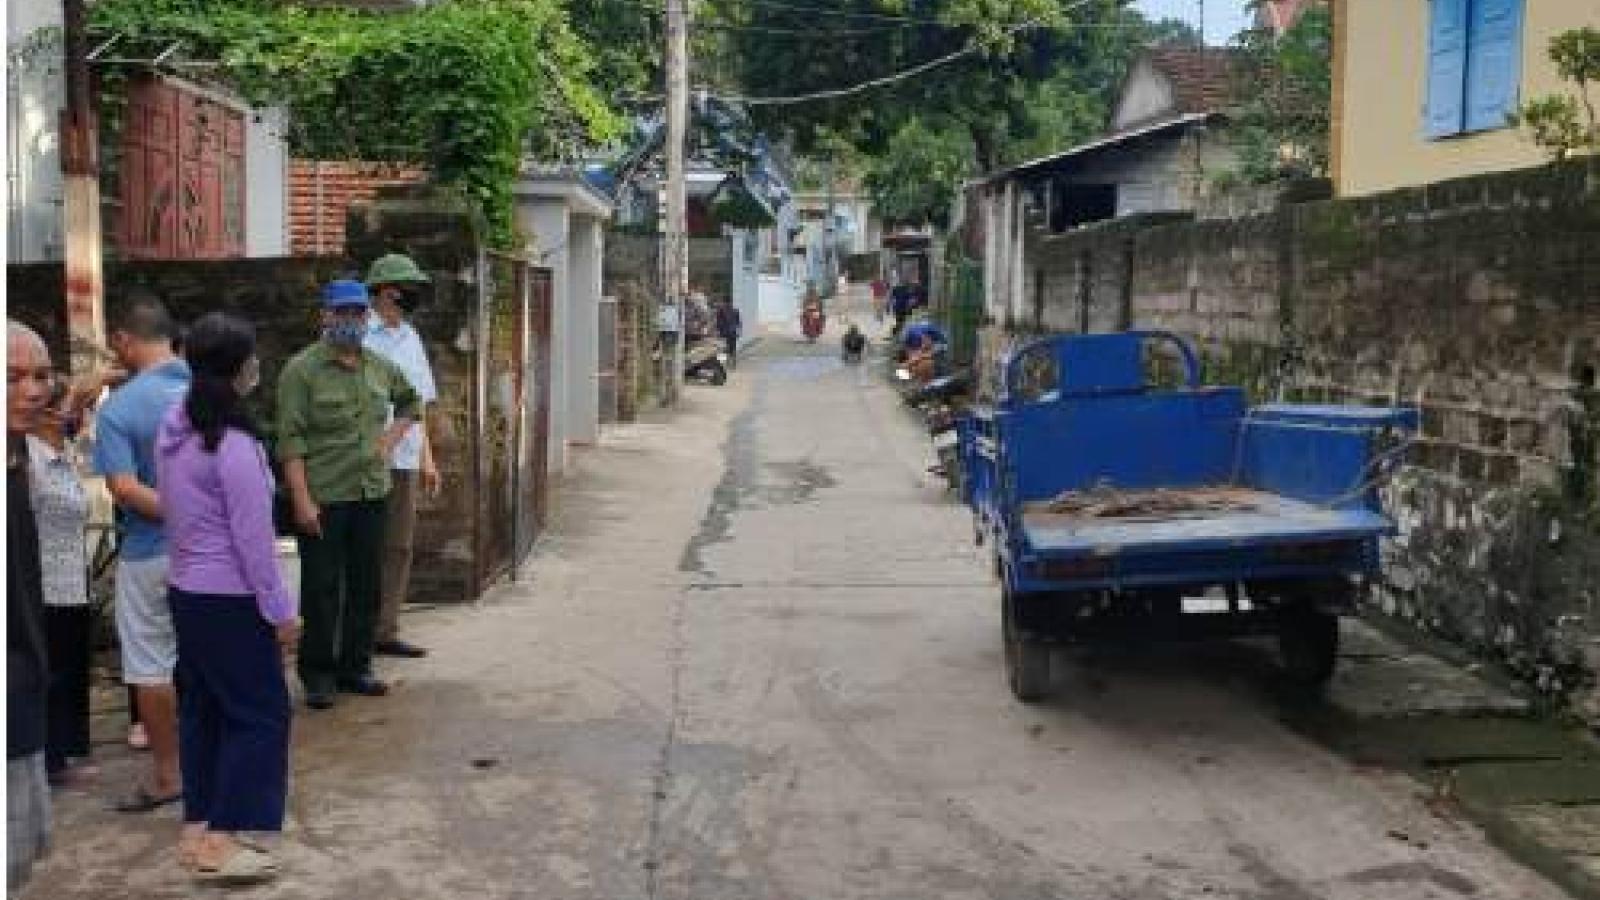 Nóng 24h: Điều tra vụ nổ súng trong đêm khiến 2 người tử vong ở Quảng Ninh